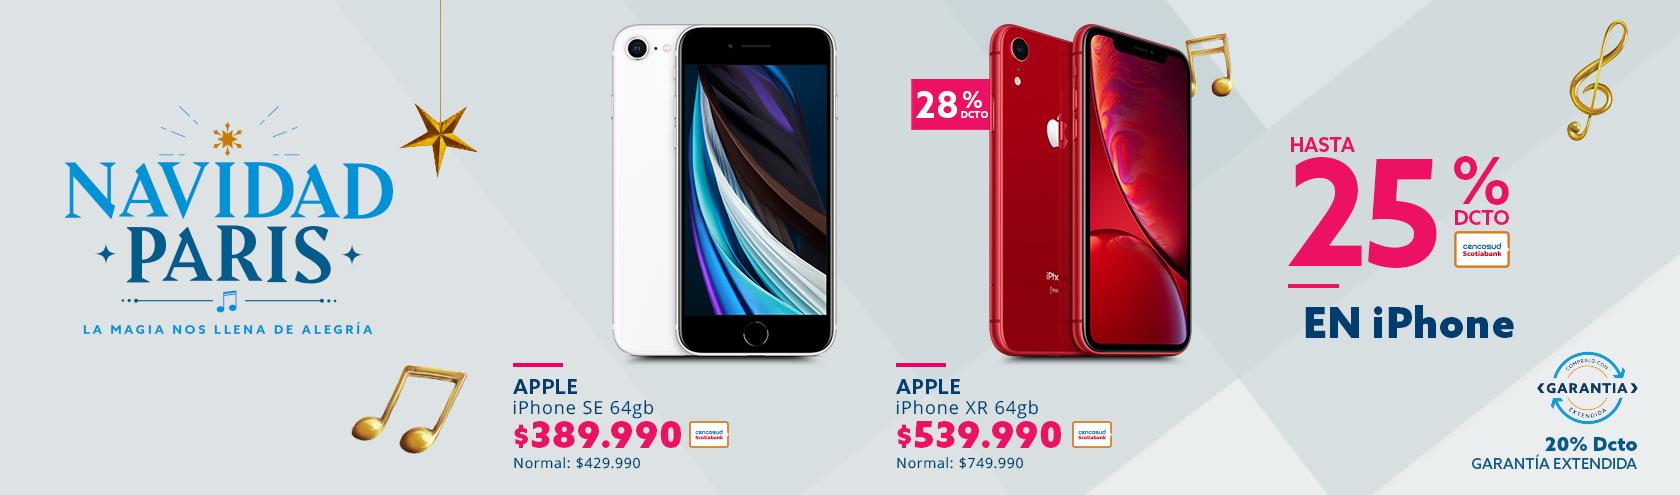 iPhone SE 64gb a $399.990